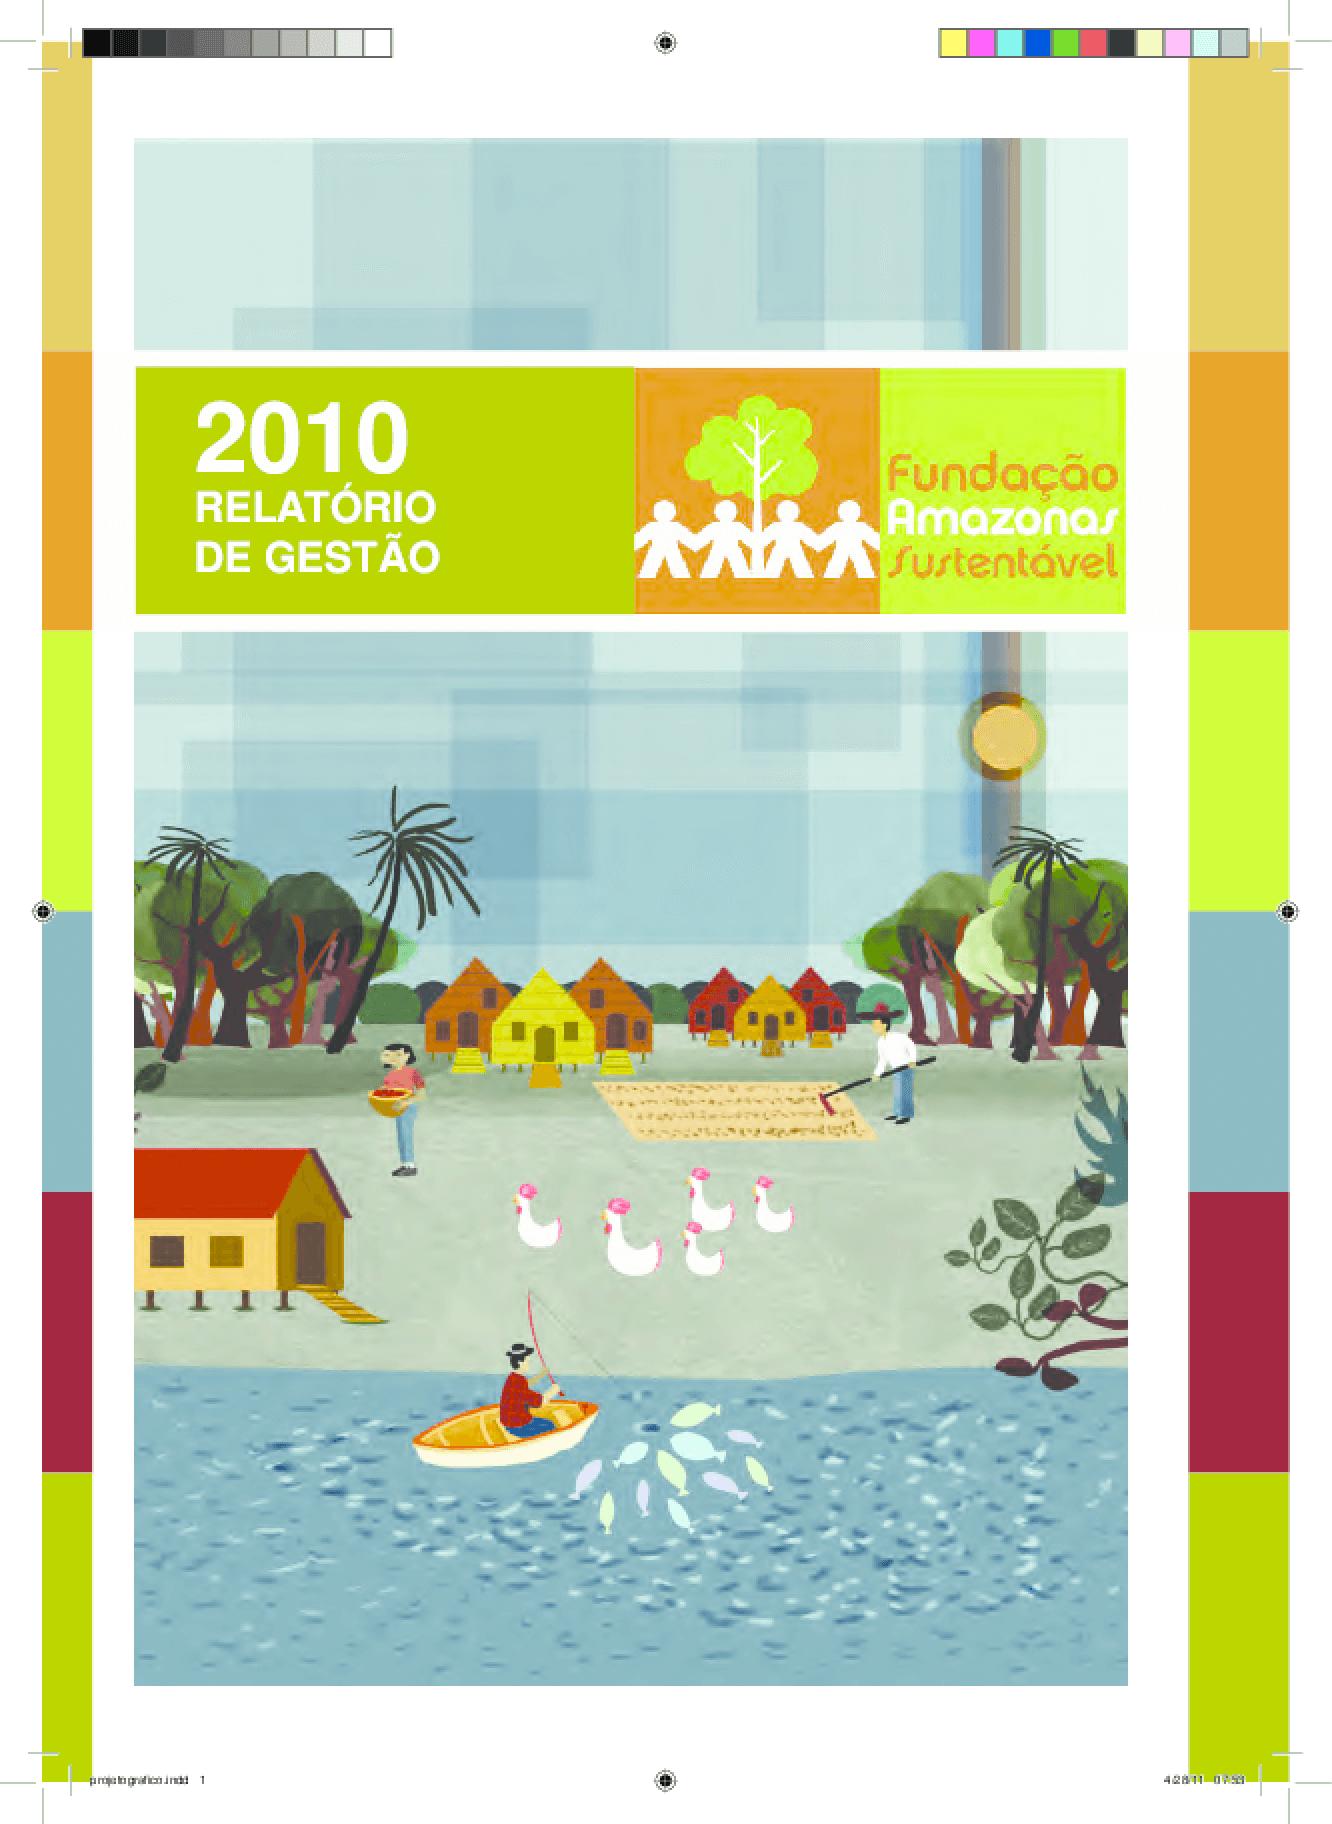 Relatório de gestão 2010 - Fundação Amazonas Sustentável